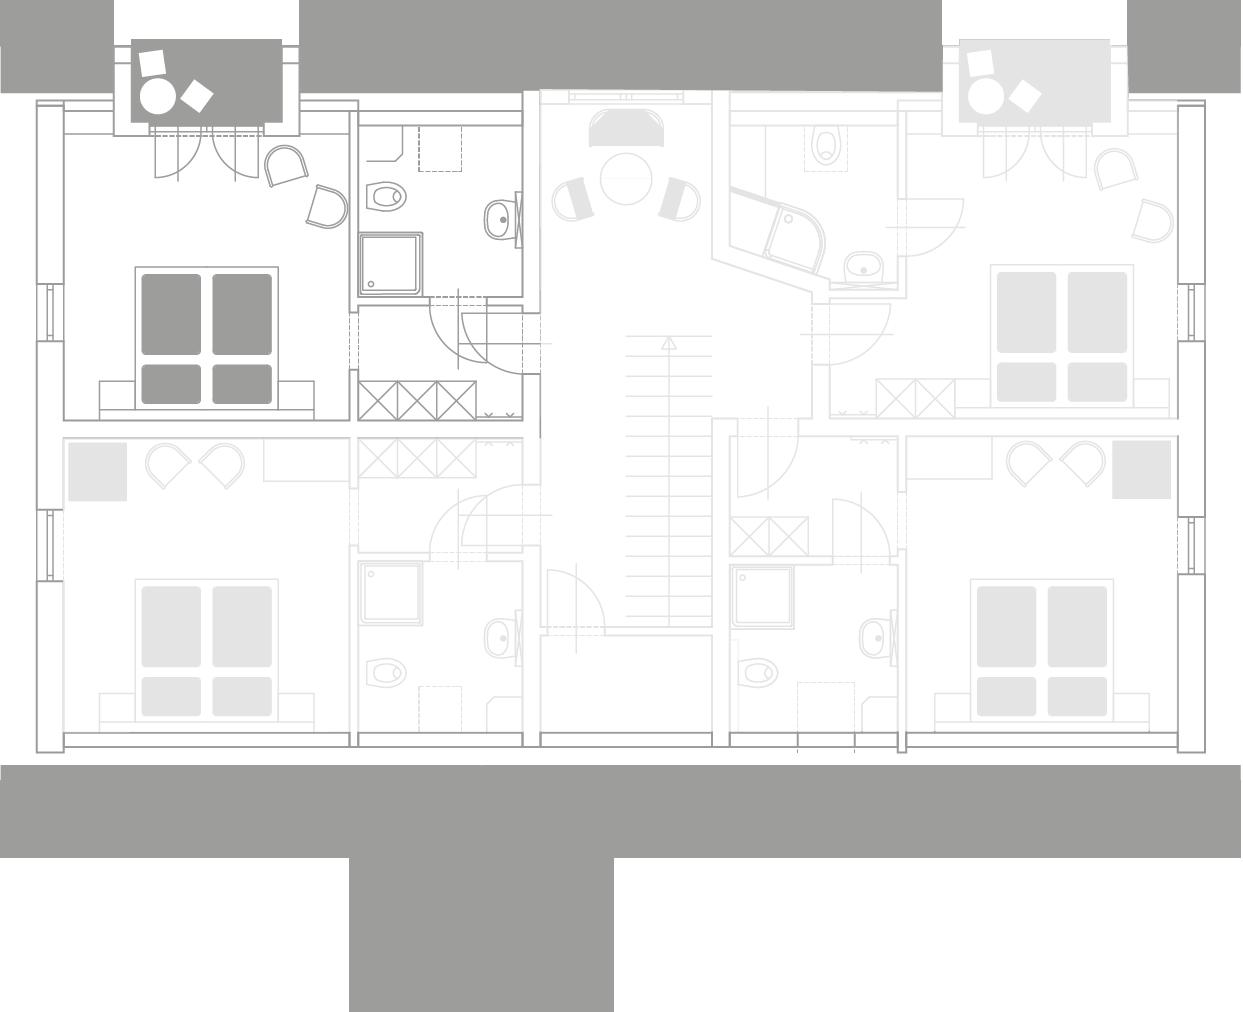 Zimmerplan - Jammdorf